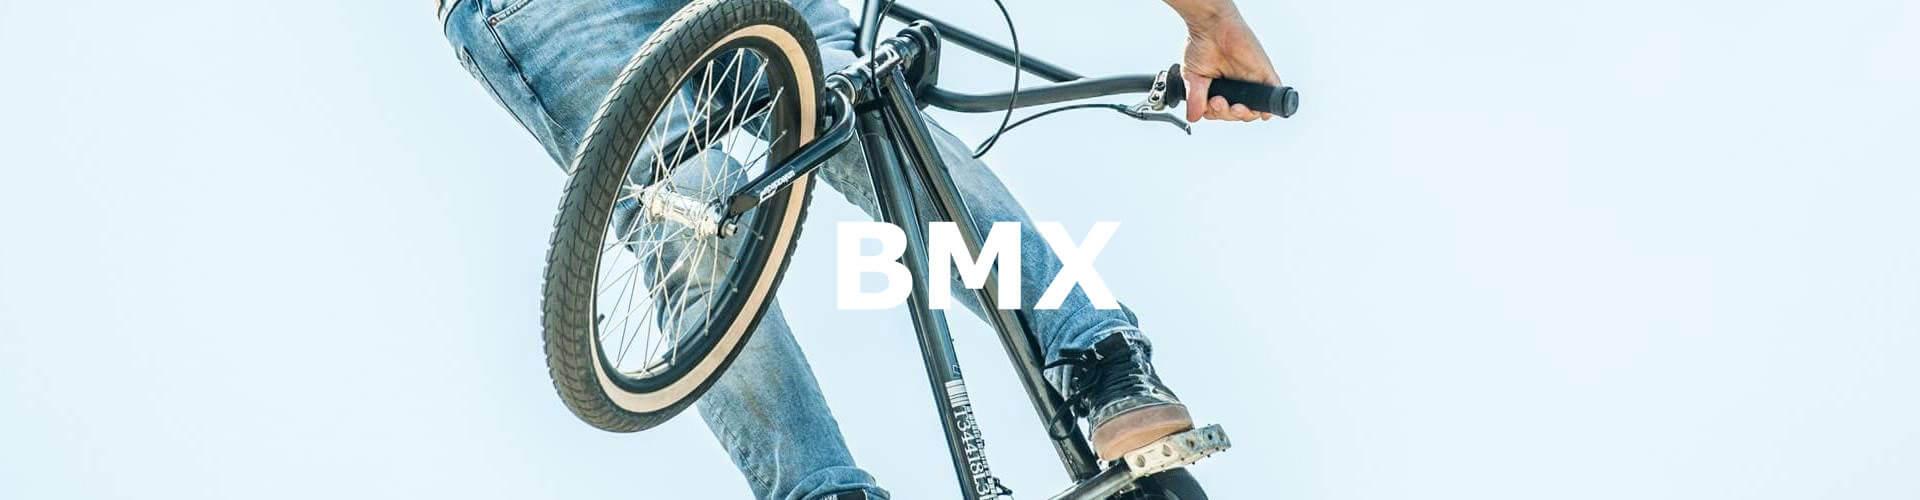 BMX - Kategorie